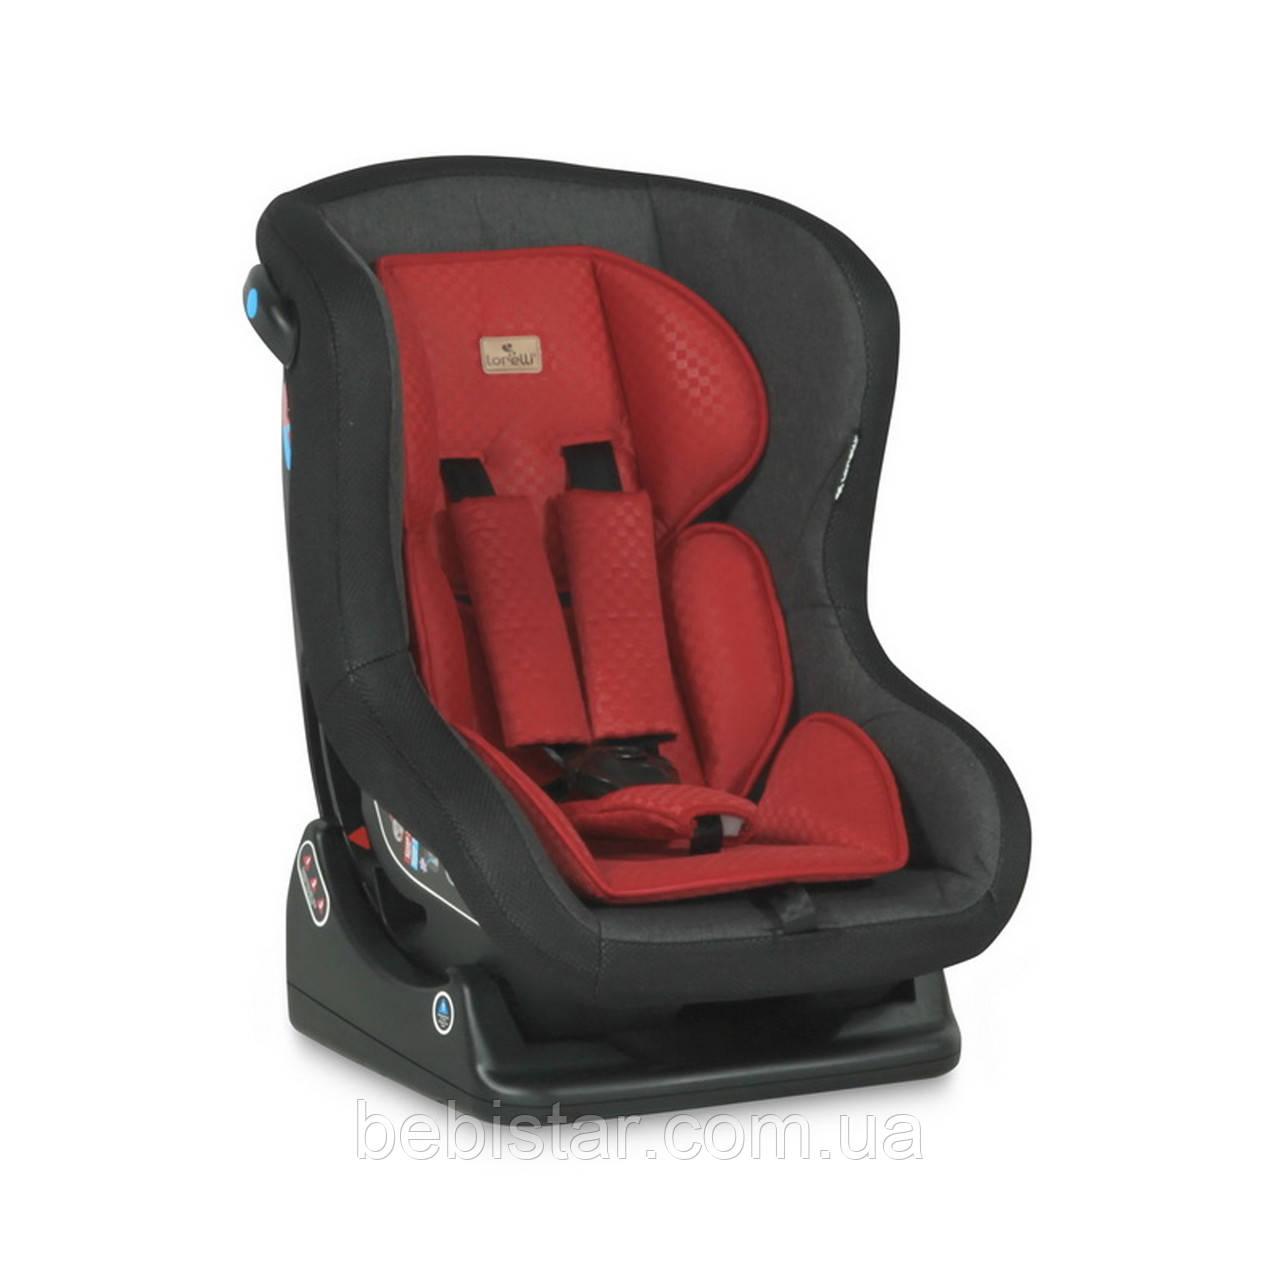 Автокресло черно-красное Lorelli SATURN 0-18 KG BLACK&RED для детей с рождения до 3-4 лет